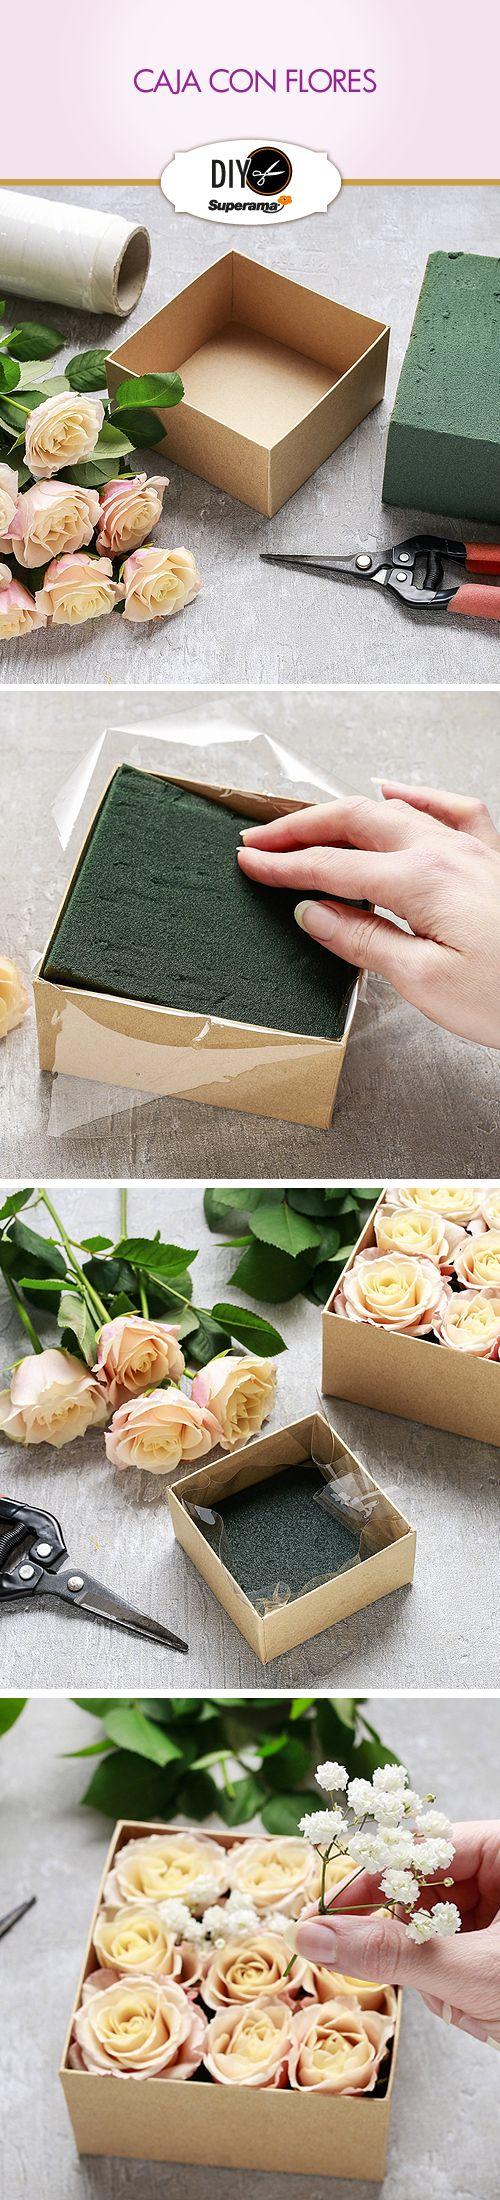 #DIY Un regalo especial para mamá, hecho con tus propias manos. Necesitas: -Una caja -Espuma rígida -Pinzas -Plástico -9 rosas blancas, rojas… Forra por dentro la caja con plástico, pon la espuma, corta el tallo de las rosas, dejando la suficiente altura para clavarlas. Decora con follaje.